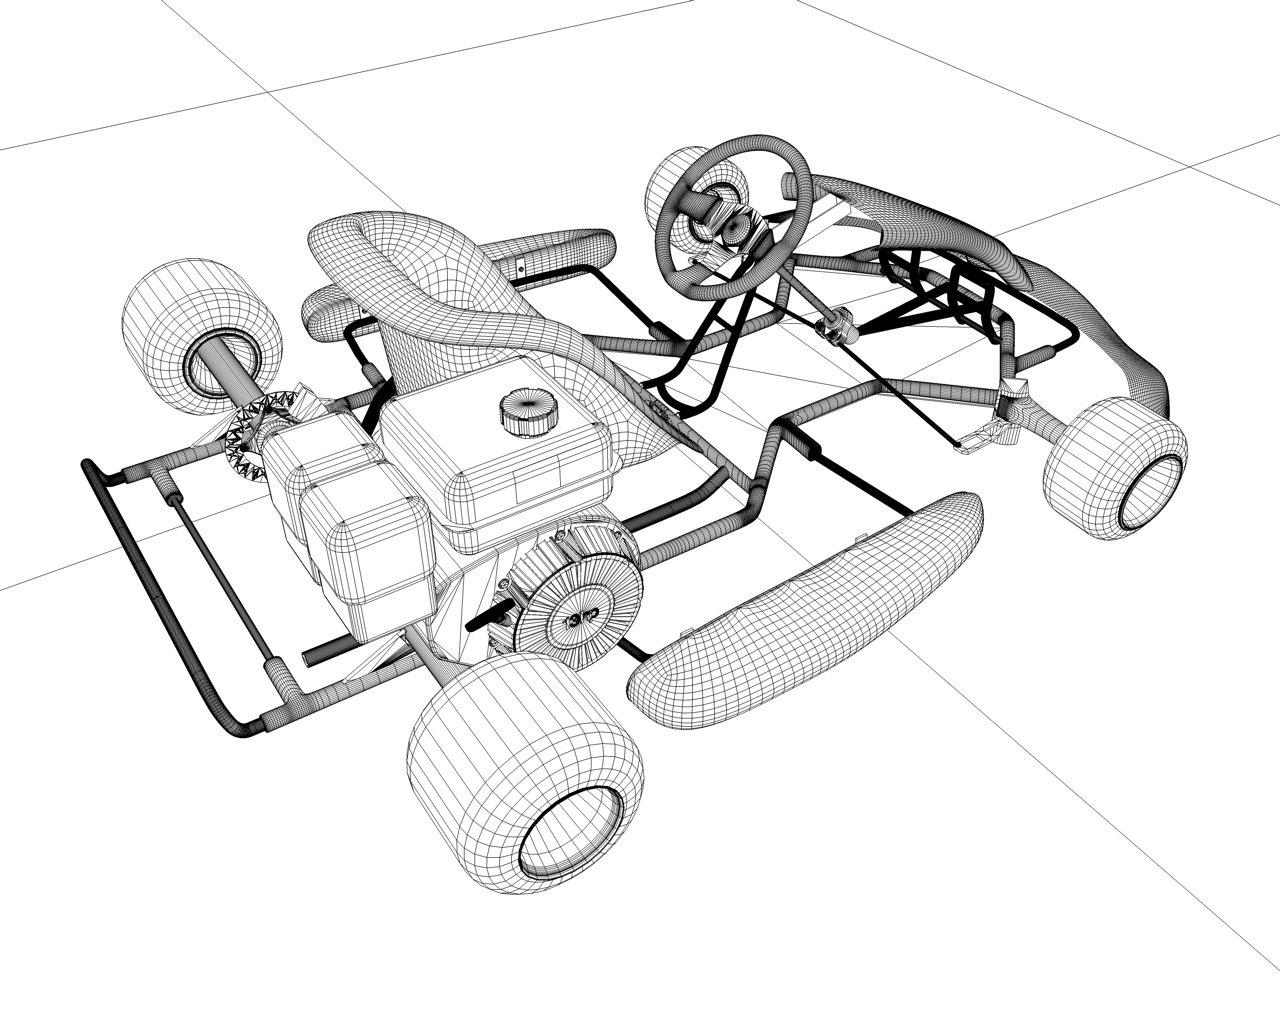 racing go kart 3d model in cart 3dexport Go Kart Go 2 racing go kart remove bookmark bookmark this item